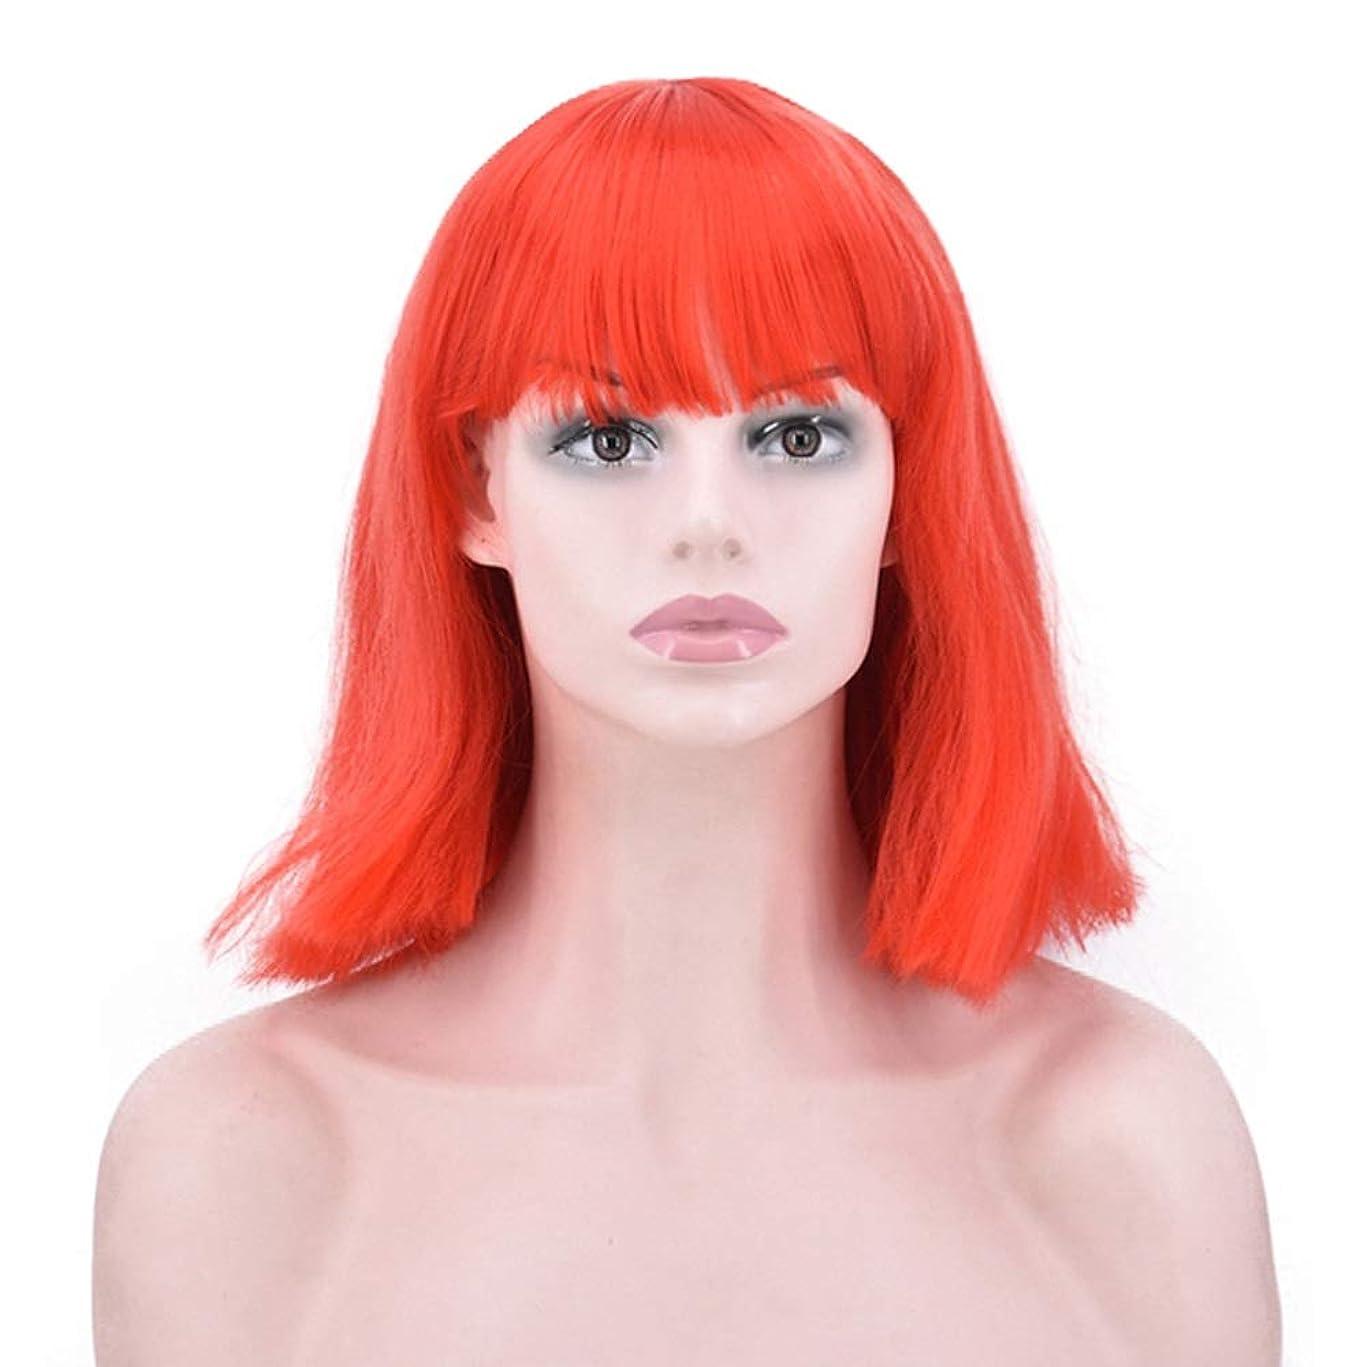 接続ブラウン理解するウィッグ - レディースショートストレート高温シルクウィッグファッションバングパーティーロールハロウィーン35cmオレンジ (色 : Orange, サイズ さいず : 35cm)